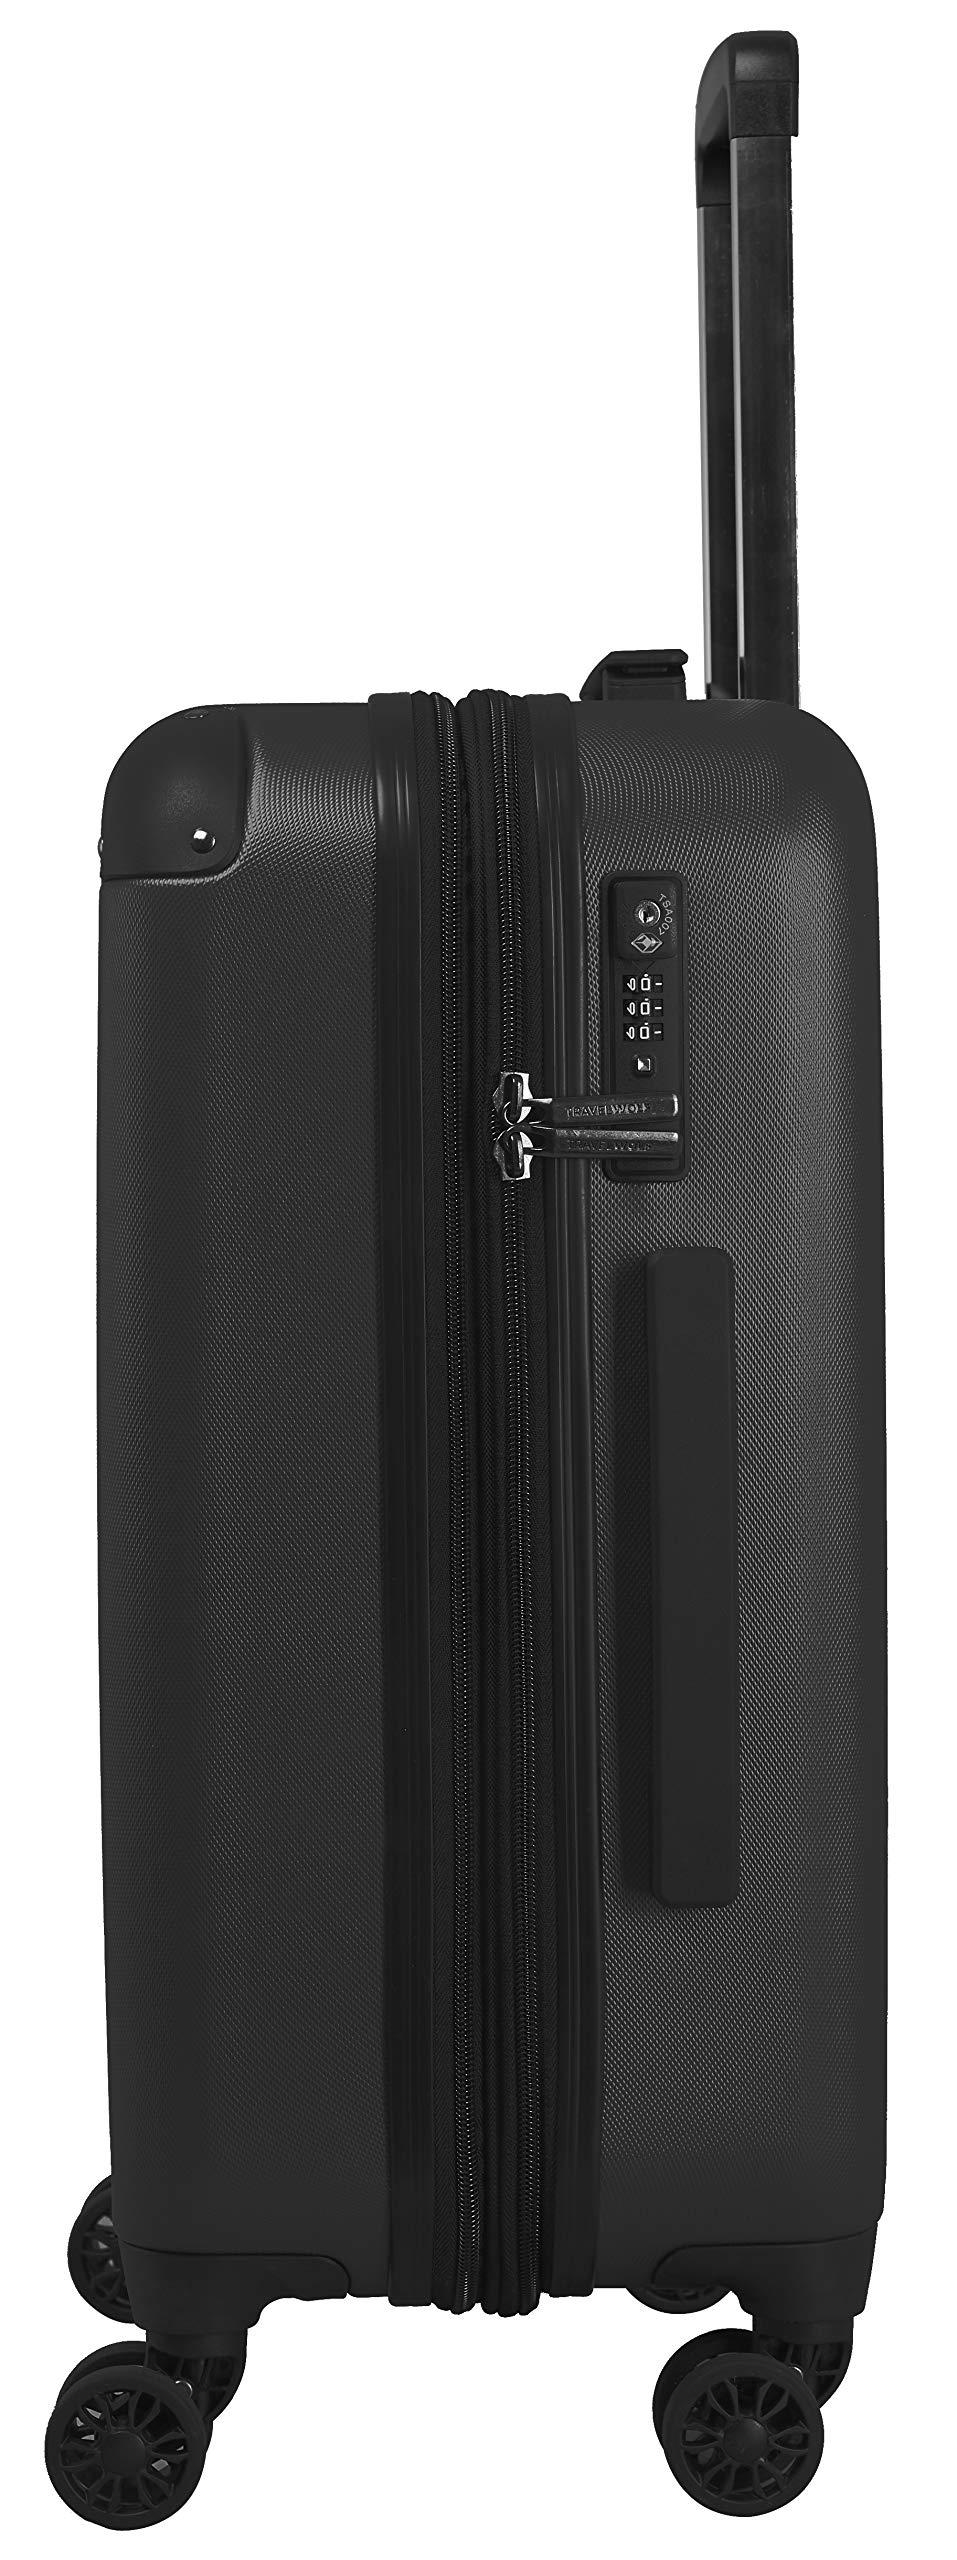 TRAVELWOLF-Reisekoffer-Deluxe-20-Gepckset-mit-3-Hartschalen-Koffer-Trolley-mit-TSA-Schlo-Zwillingsrollen-Gren-M-L-XL